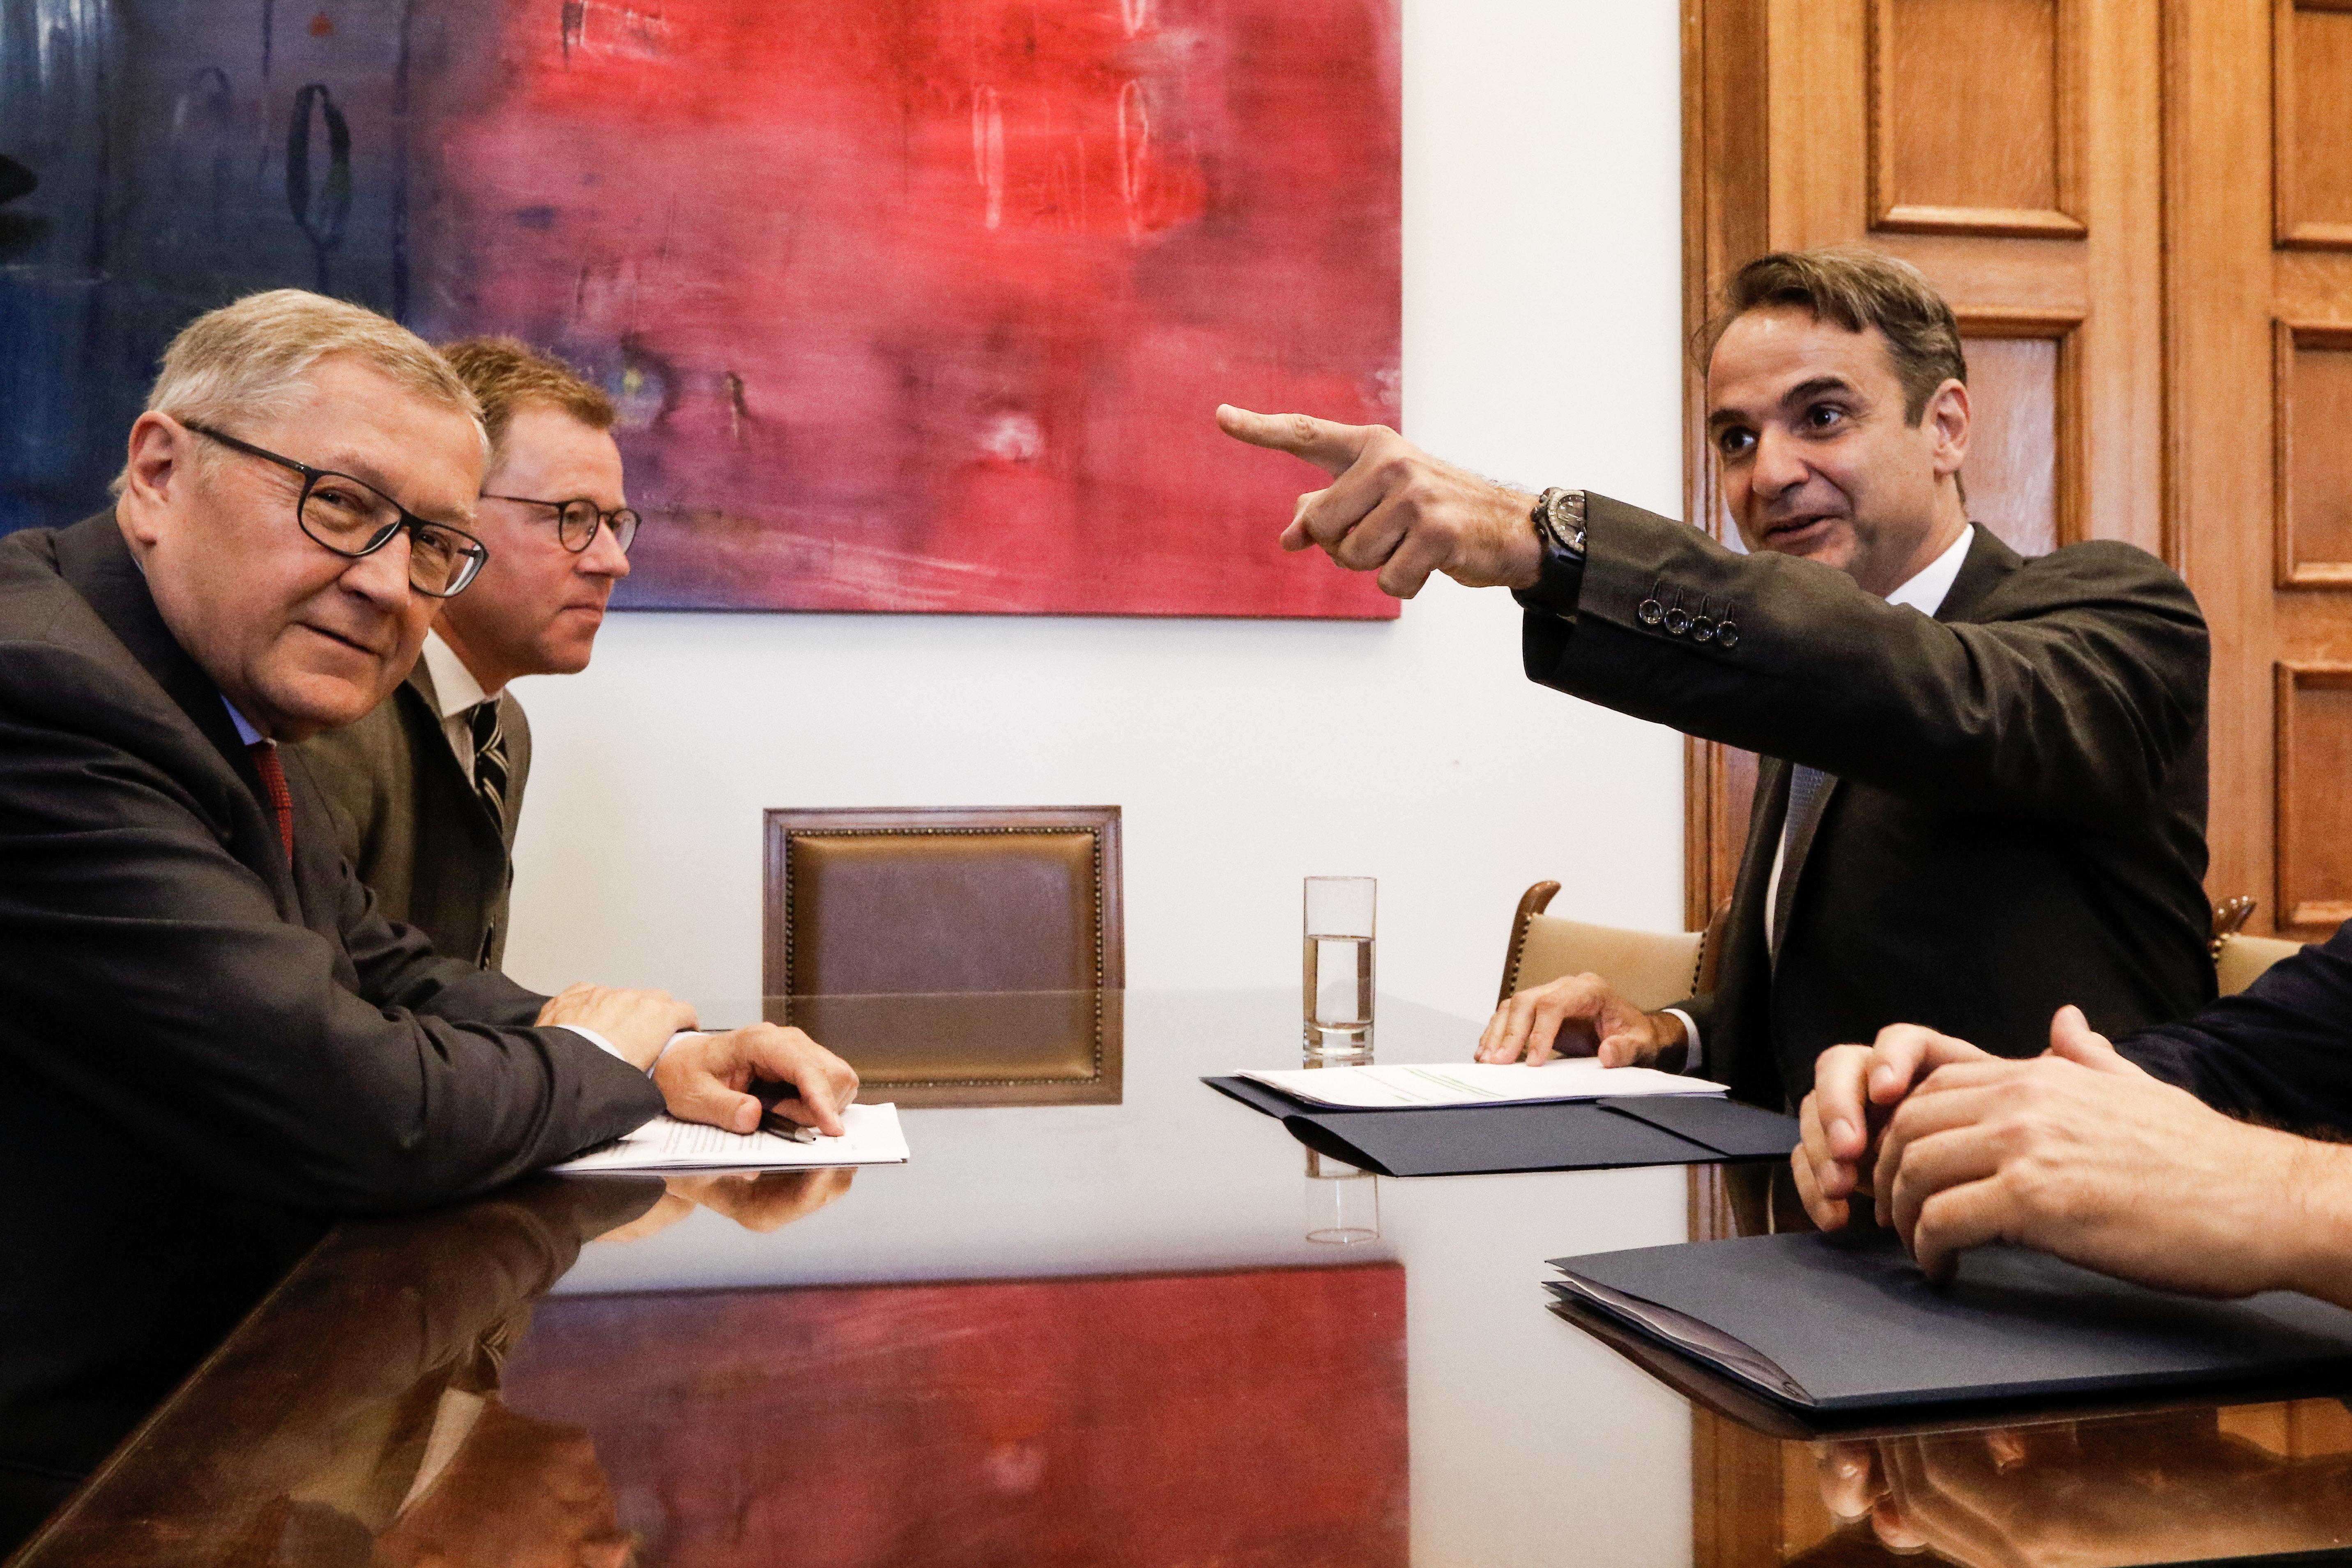 Οριστική και γενναία λύση στο θέμα του χρέους ζήτησε ο Μητσοτάκης από τον Ρέγκλινγκ κατά την συνάντησή